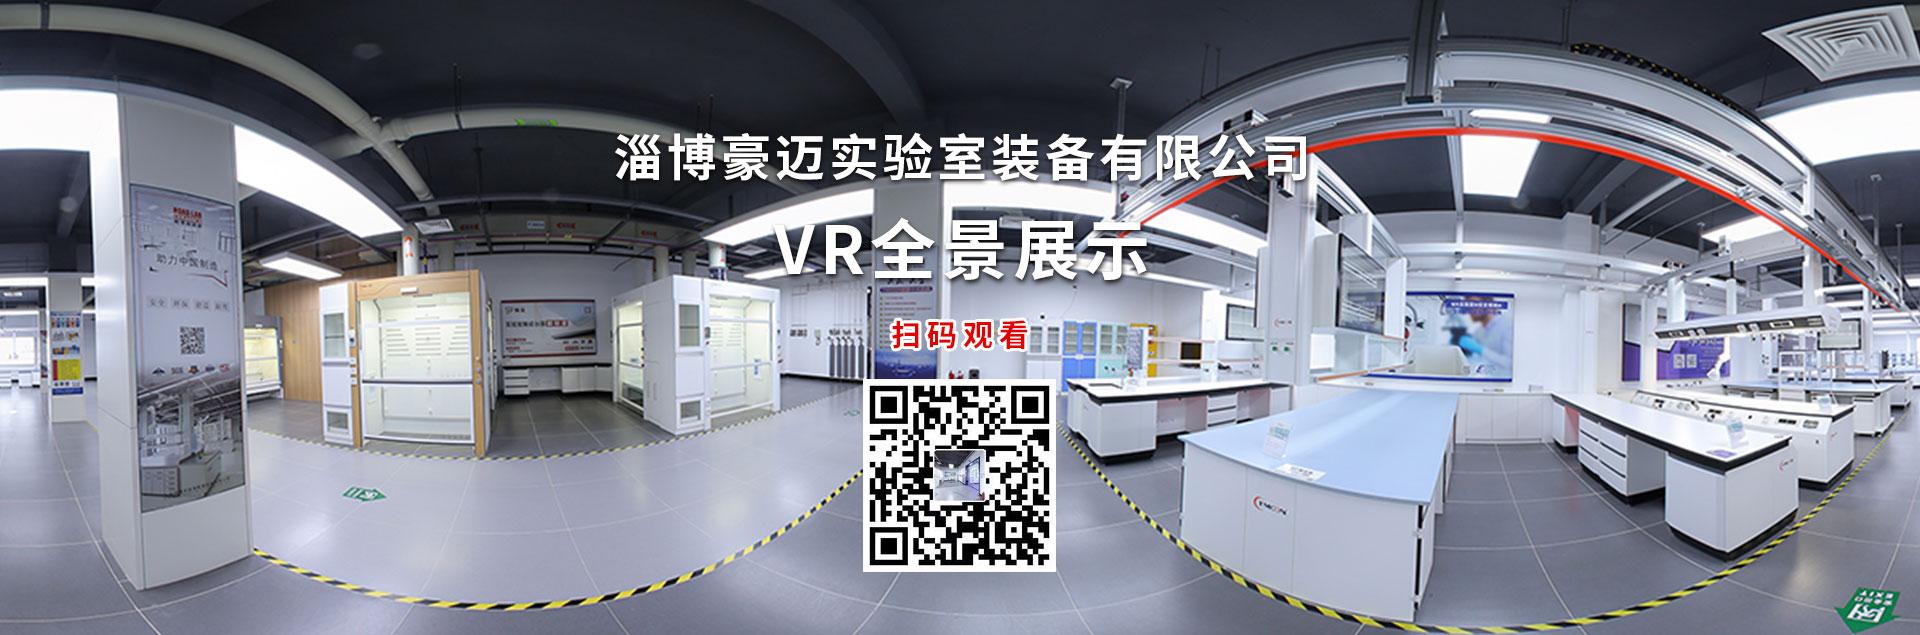 淄博易胜博ysb88手机易胜博备用网址装备有限公司